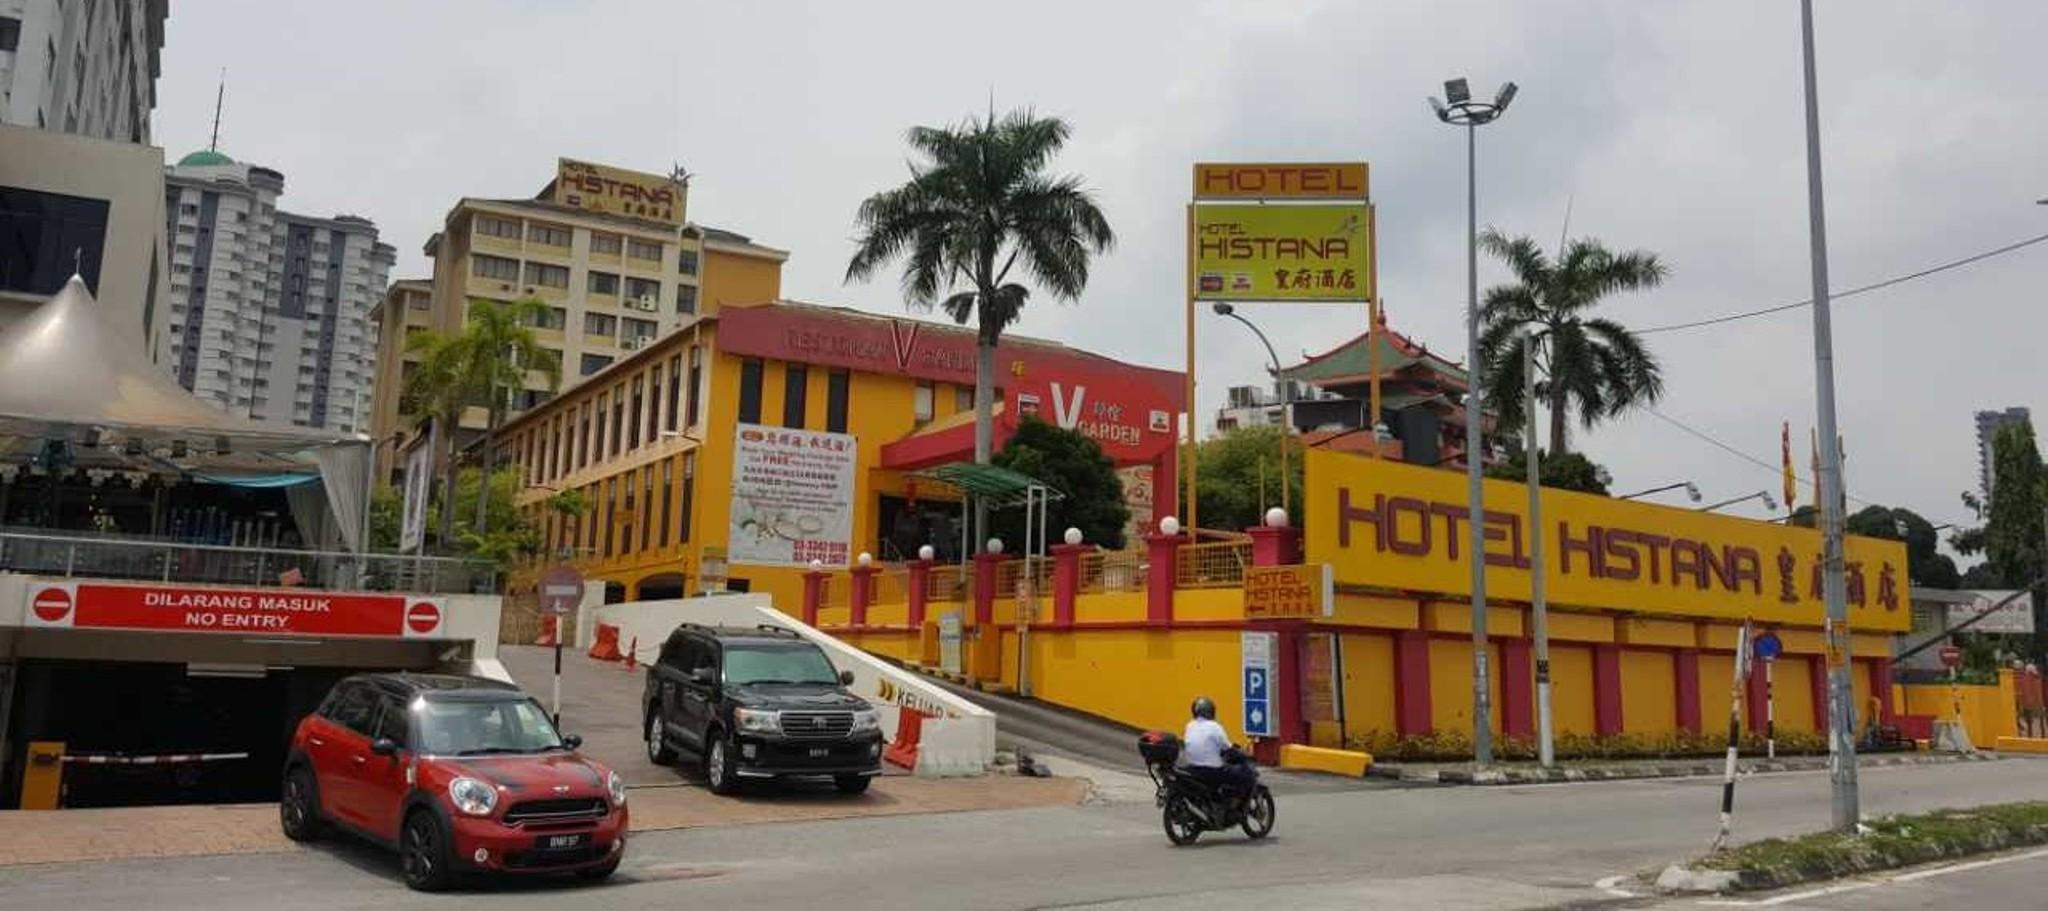 Klang Histana Hotel